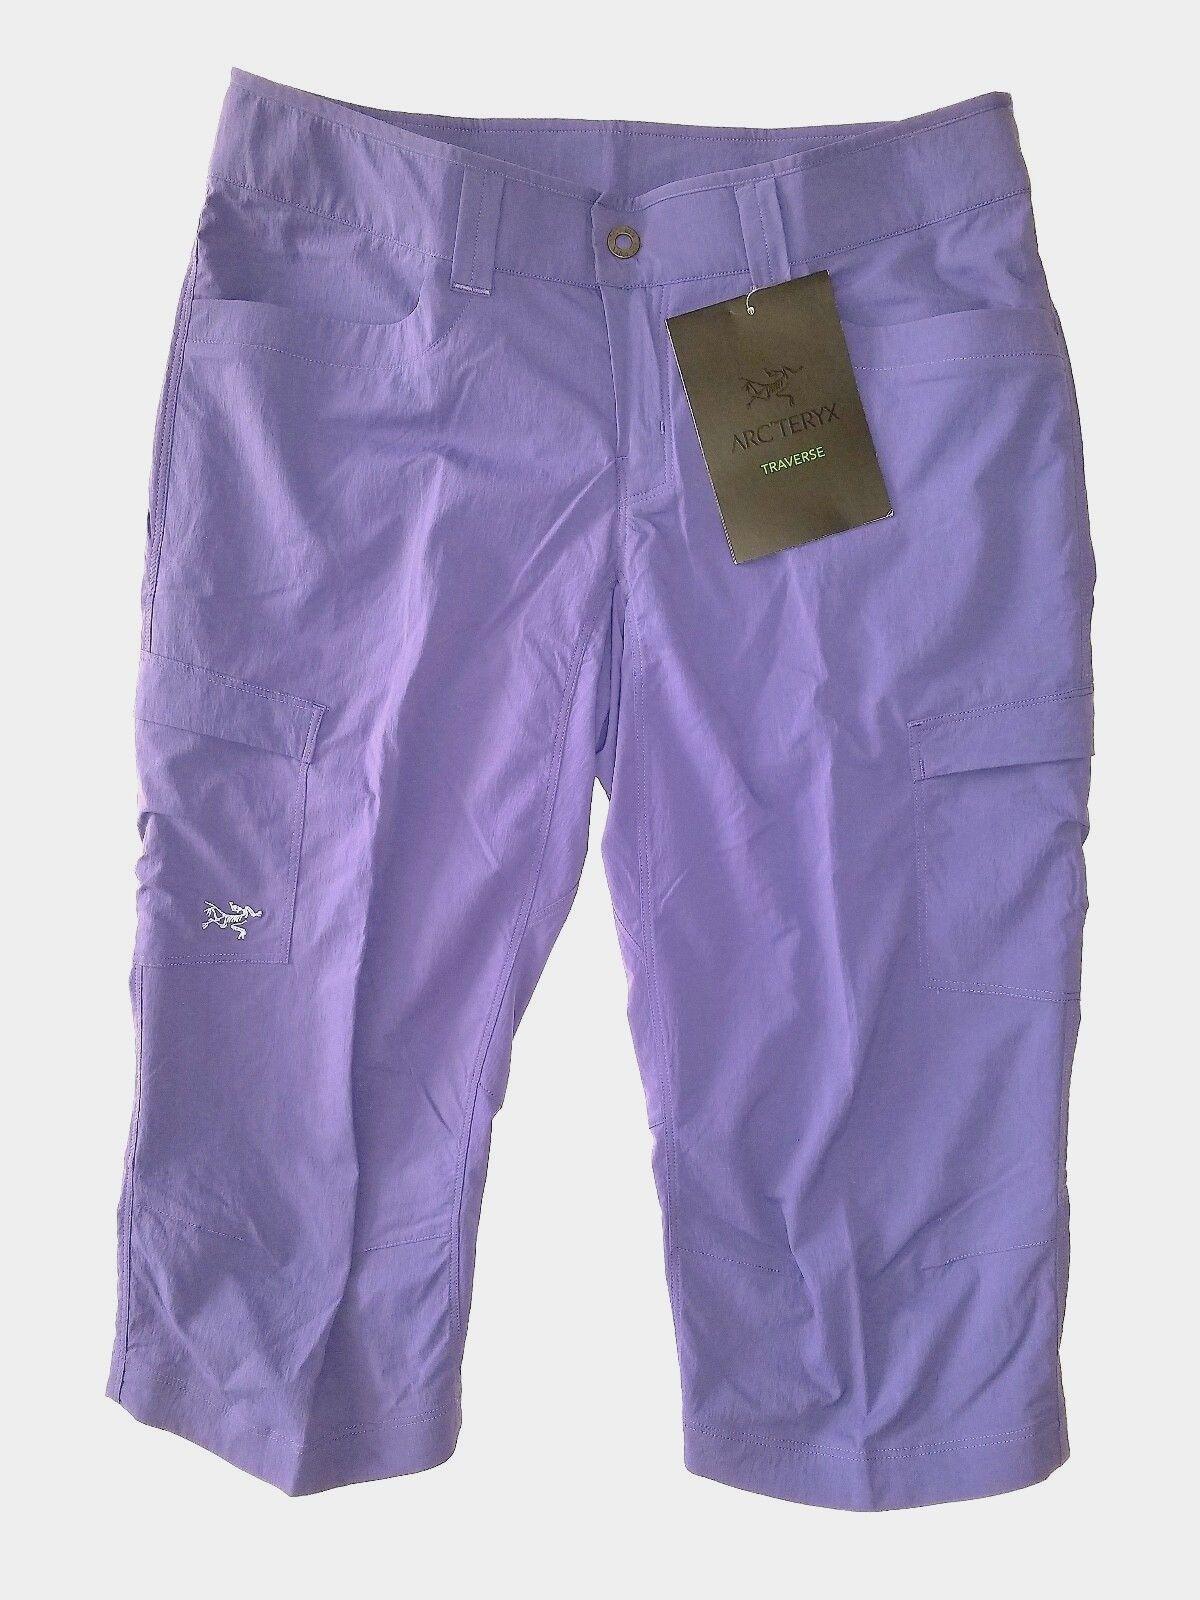 Arc'teryx Parapet Capri Women's Hiking,Camping Shorts\Pant-Size8, MSRP 109